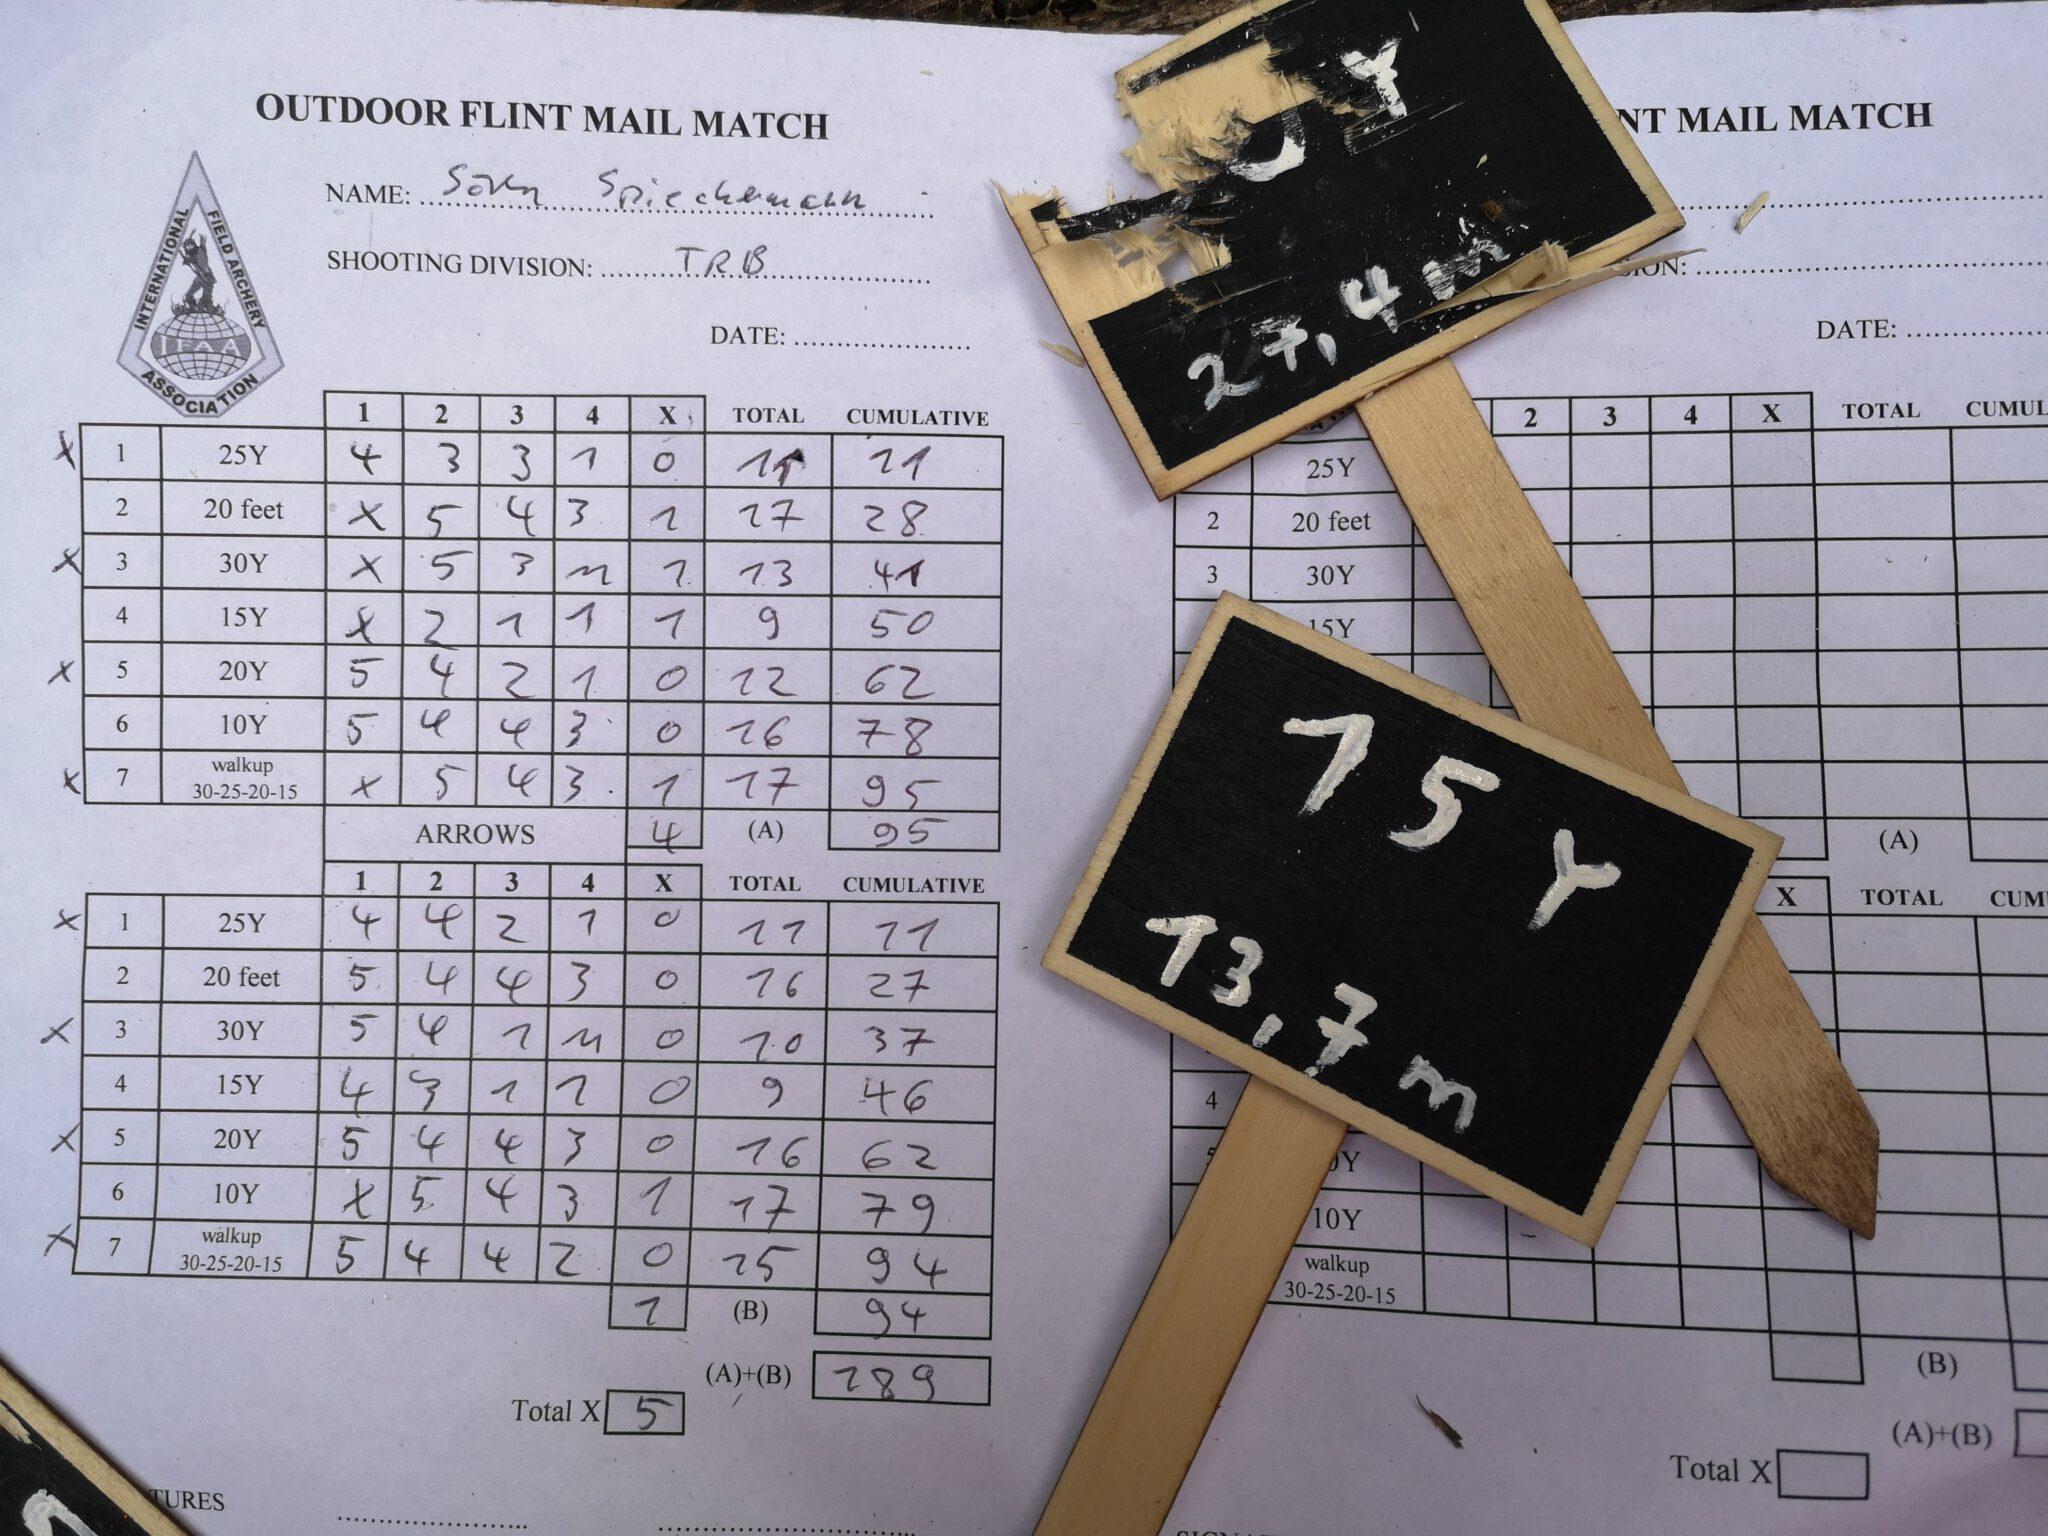 Schilder und Wertungszettel für die FLINT Runde